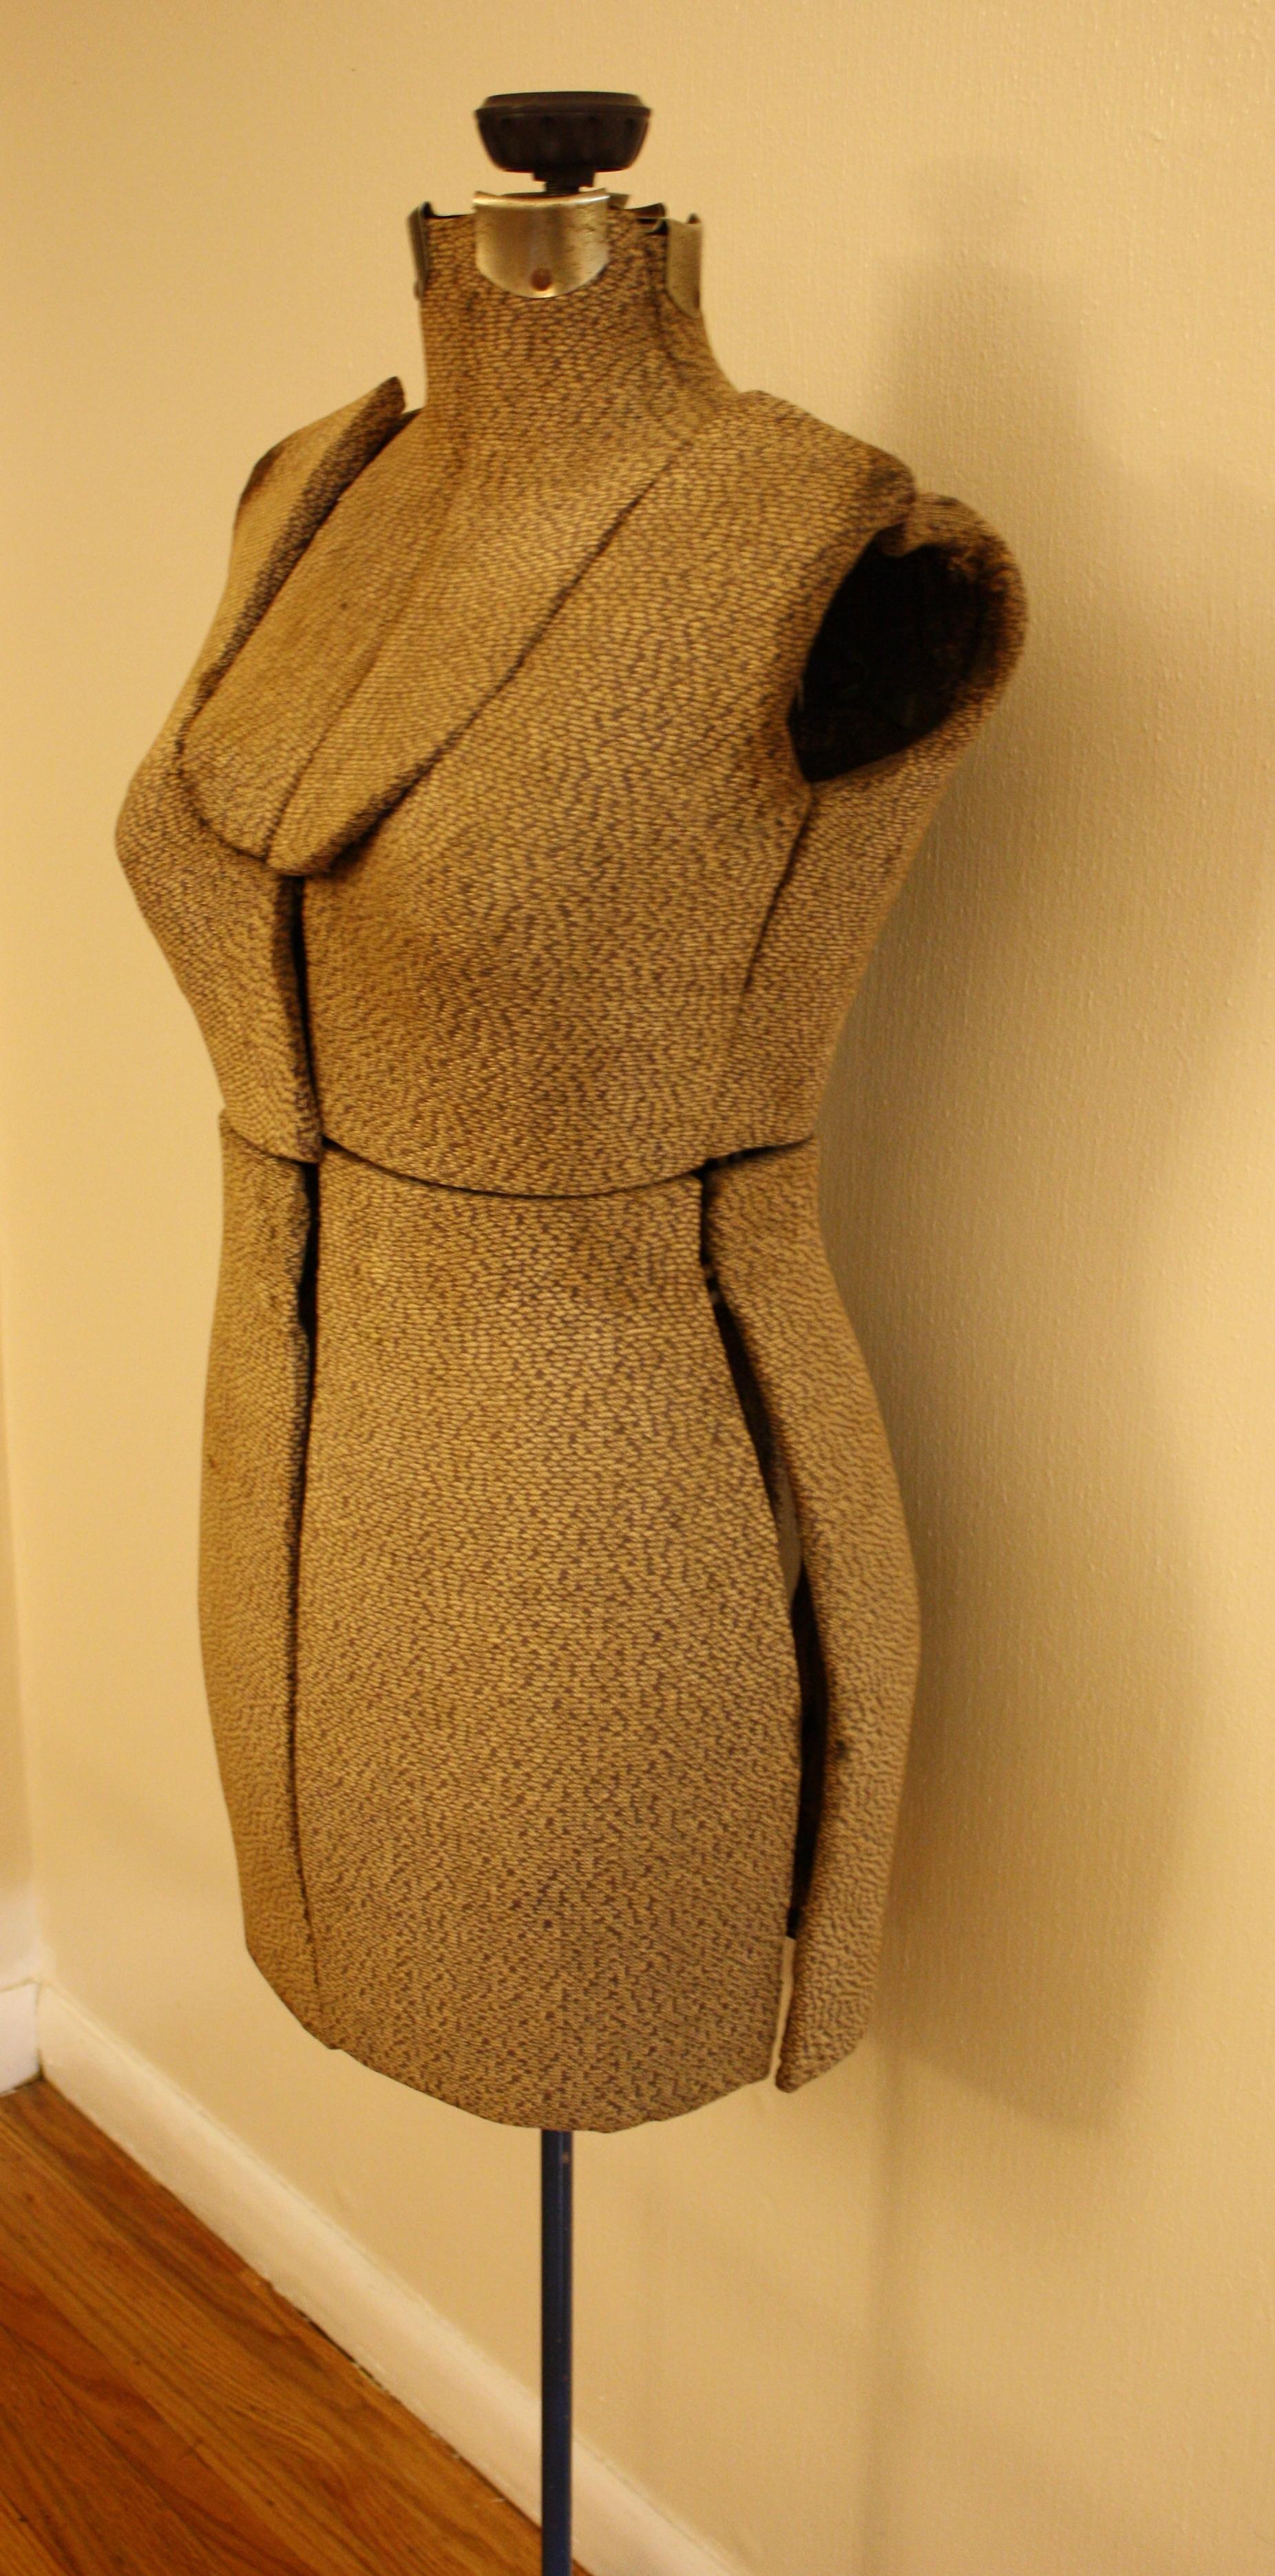 Antique Vintage Dress Form On Steel Stand Picked Vintage